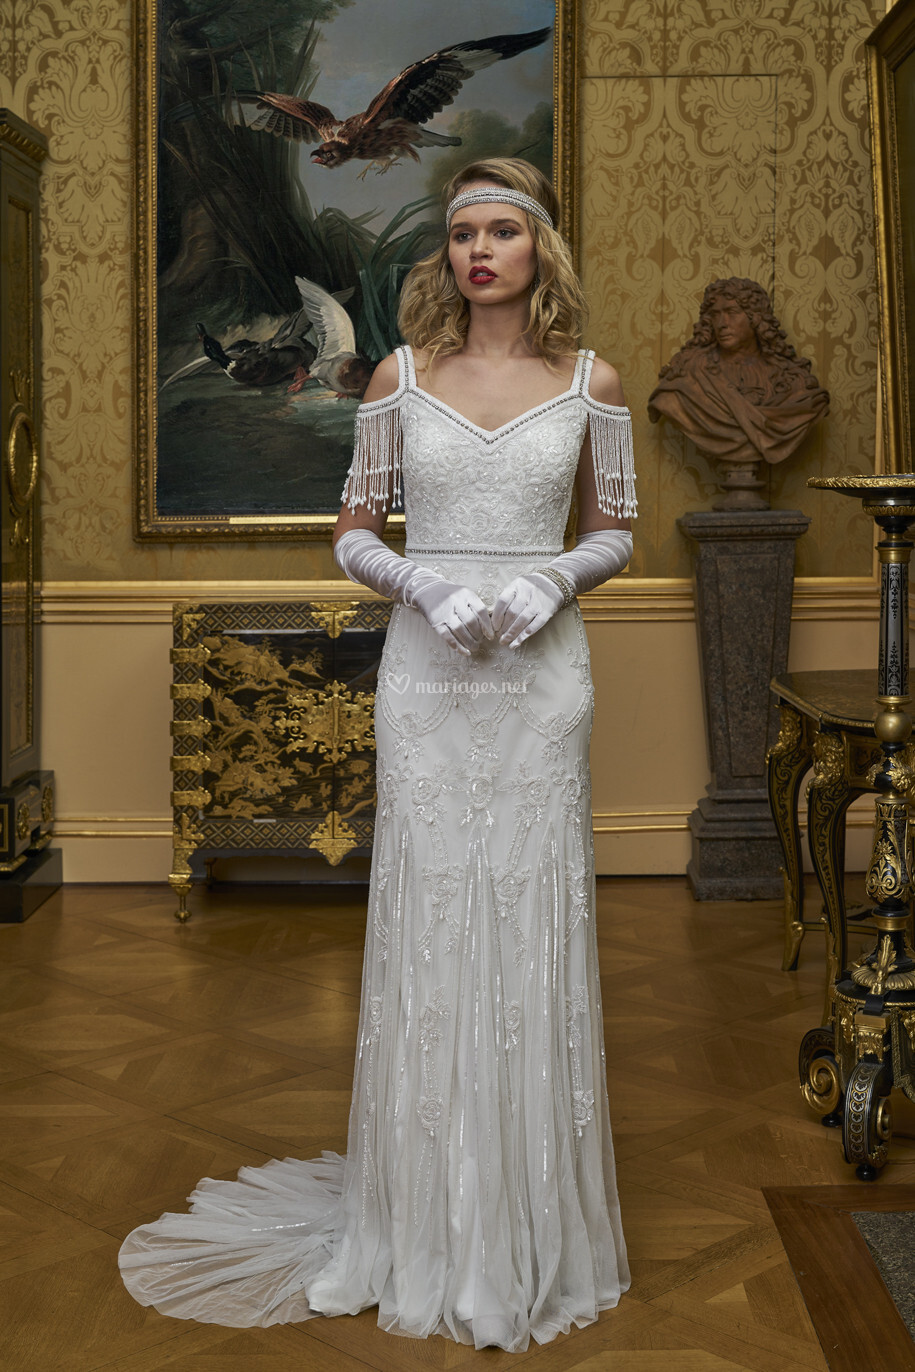 Robes de mariée sur Eliza Jane Howell - Versailles - Mariages.net